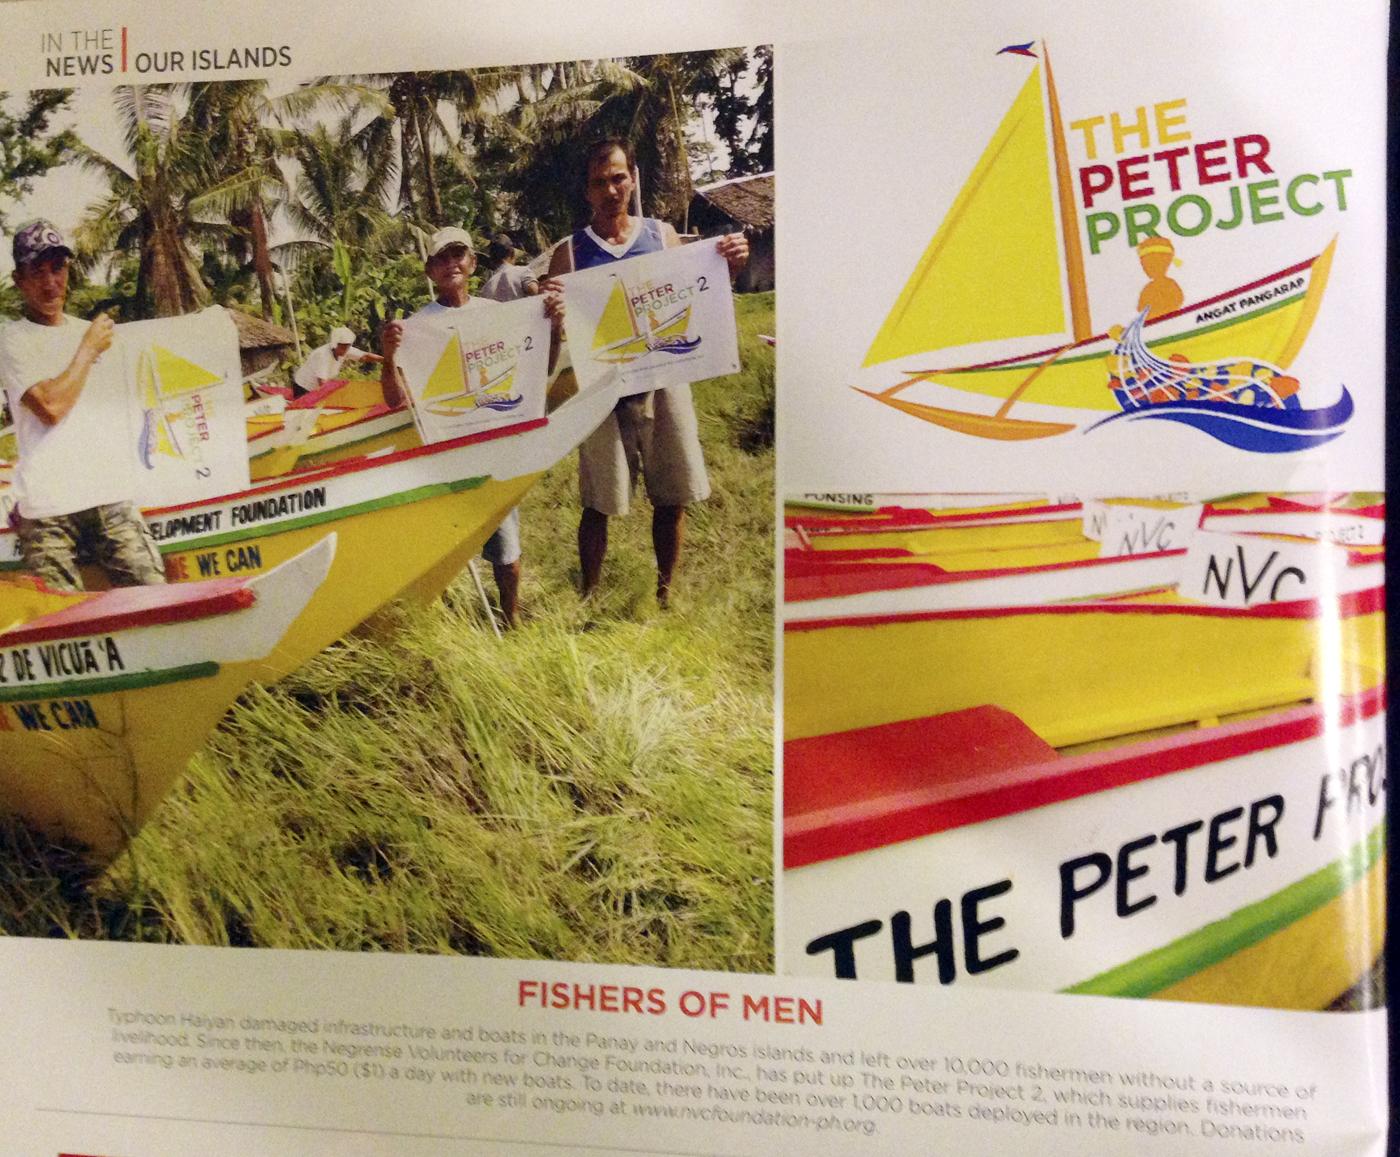 Til nå har the Peter Project 2 gitt 1000 nye båter til tyfonofrene etter Haynan.